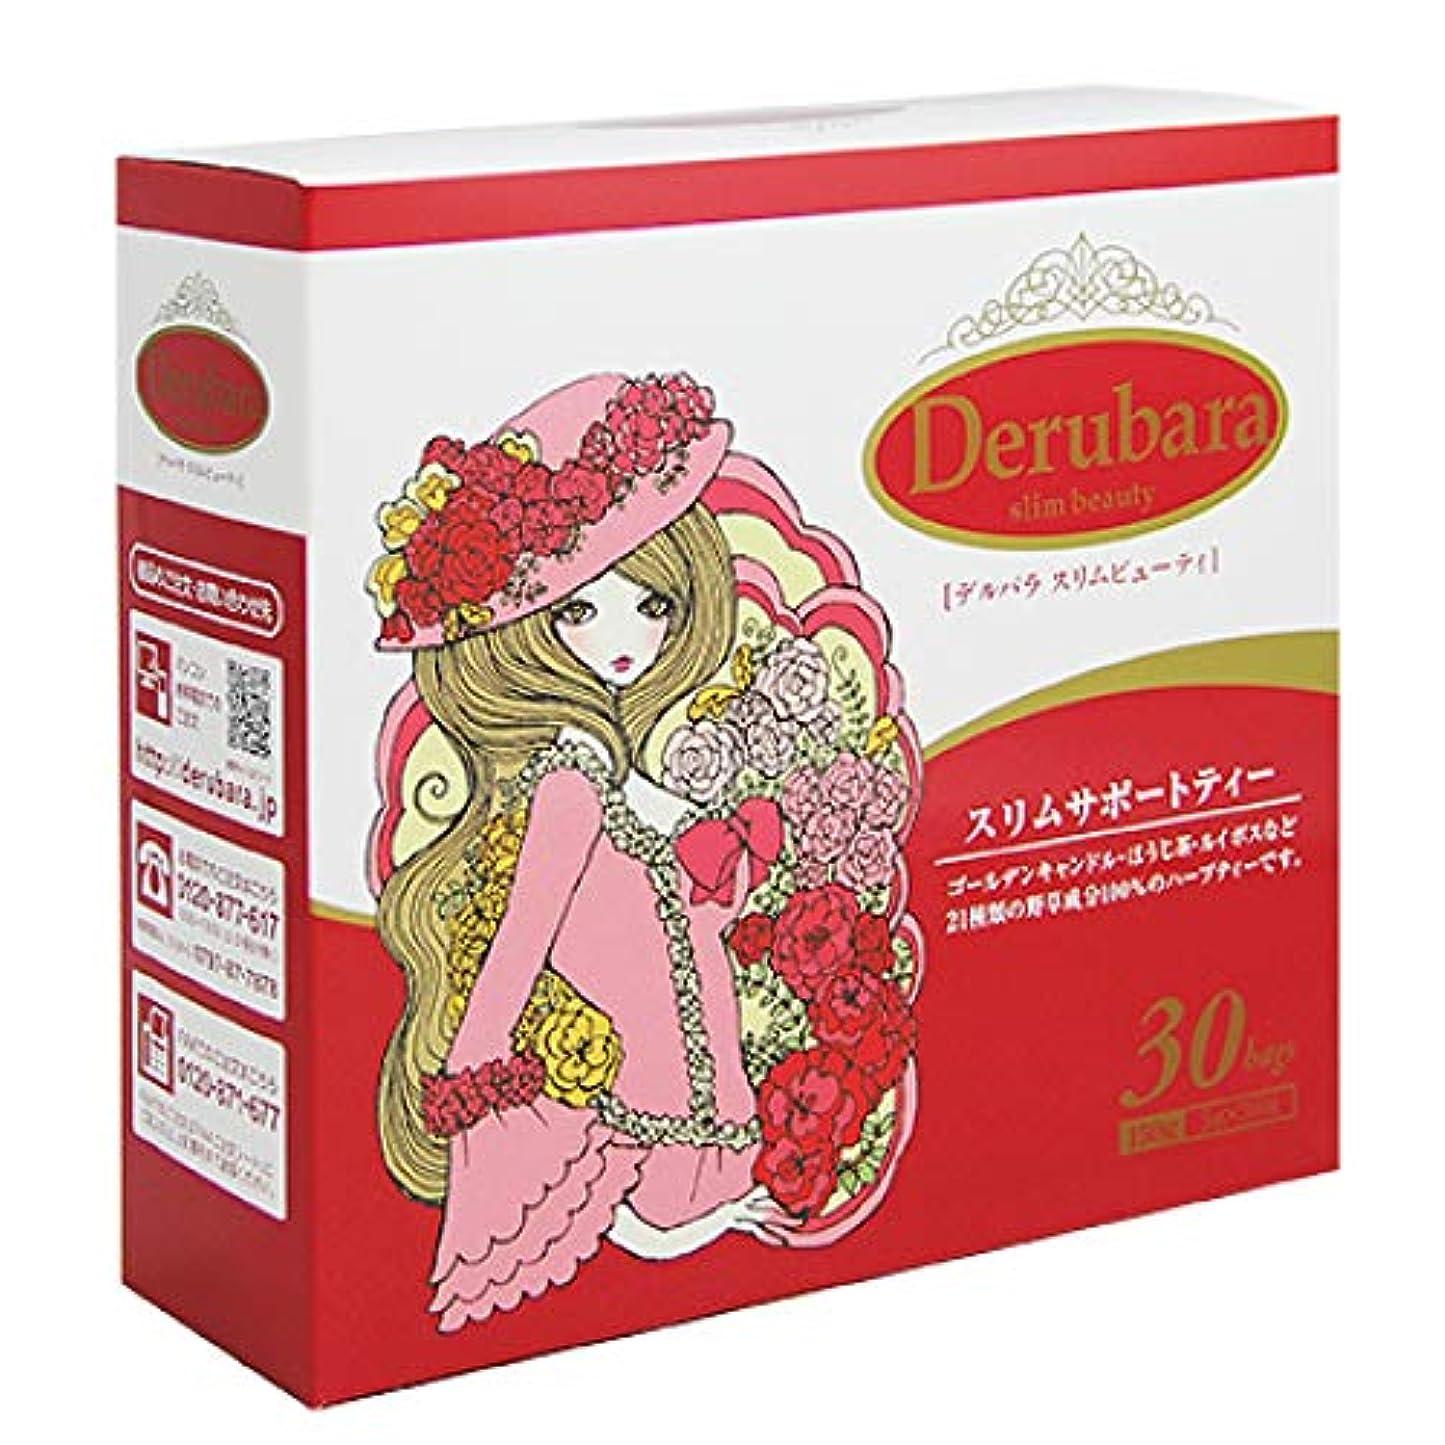 ランプキャンベラ負担デルバラスリムビューティ 1箱 (1包5g×30包入)朝スッキリ! キャンドルブッシュ お茶